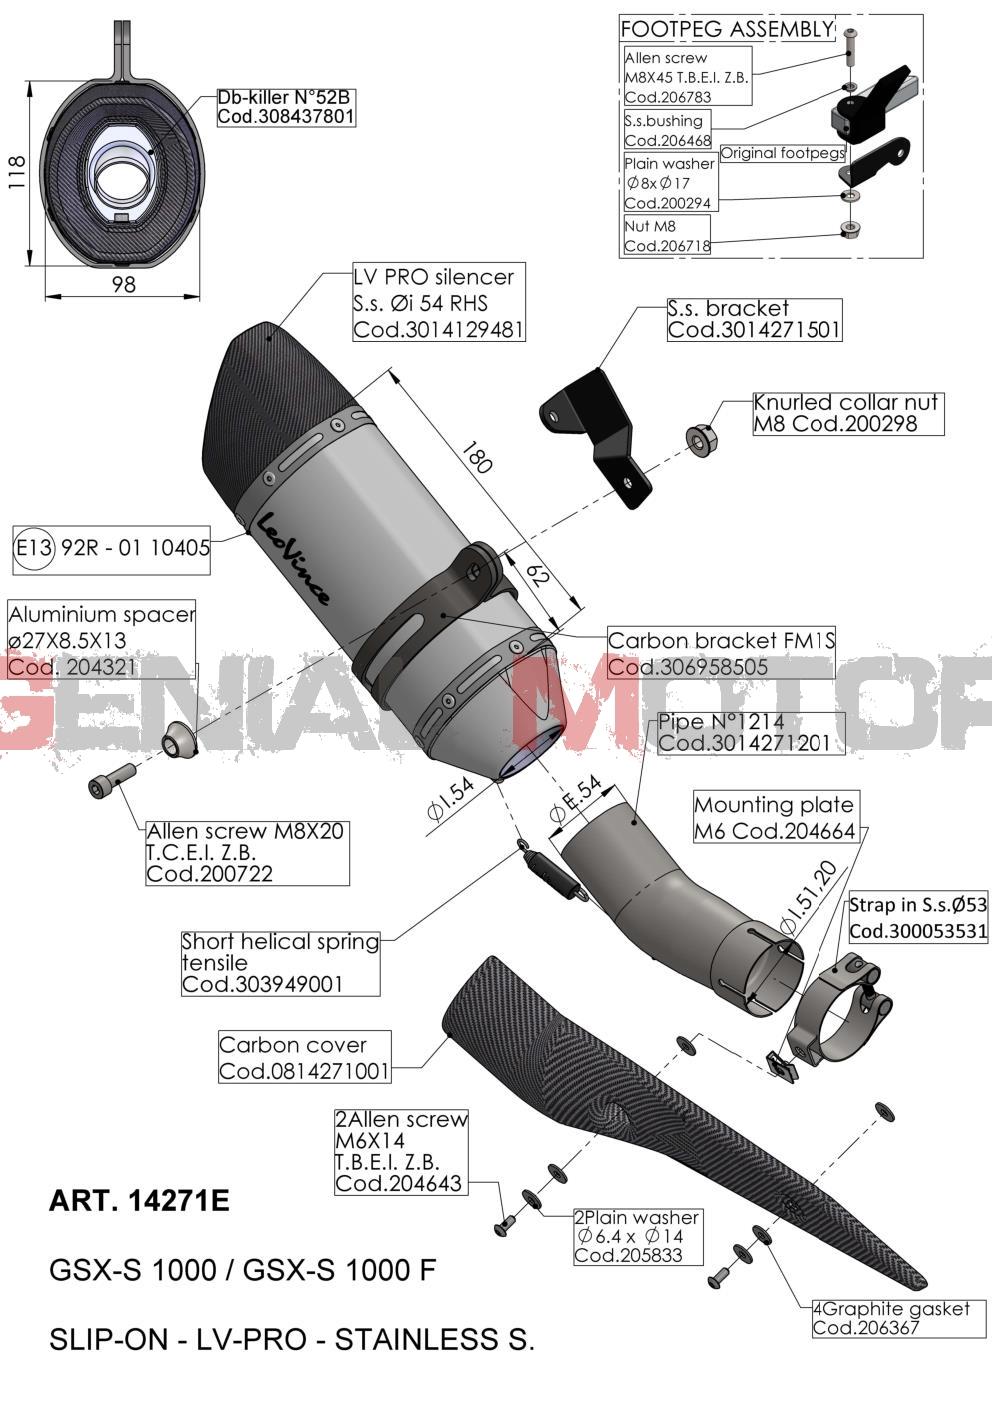 14271E Pot D'Echappement Lv Pro Acier Suzuki Gsx S 1000 F 2017 > 2020